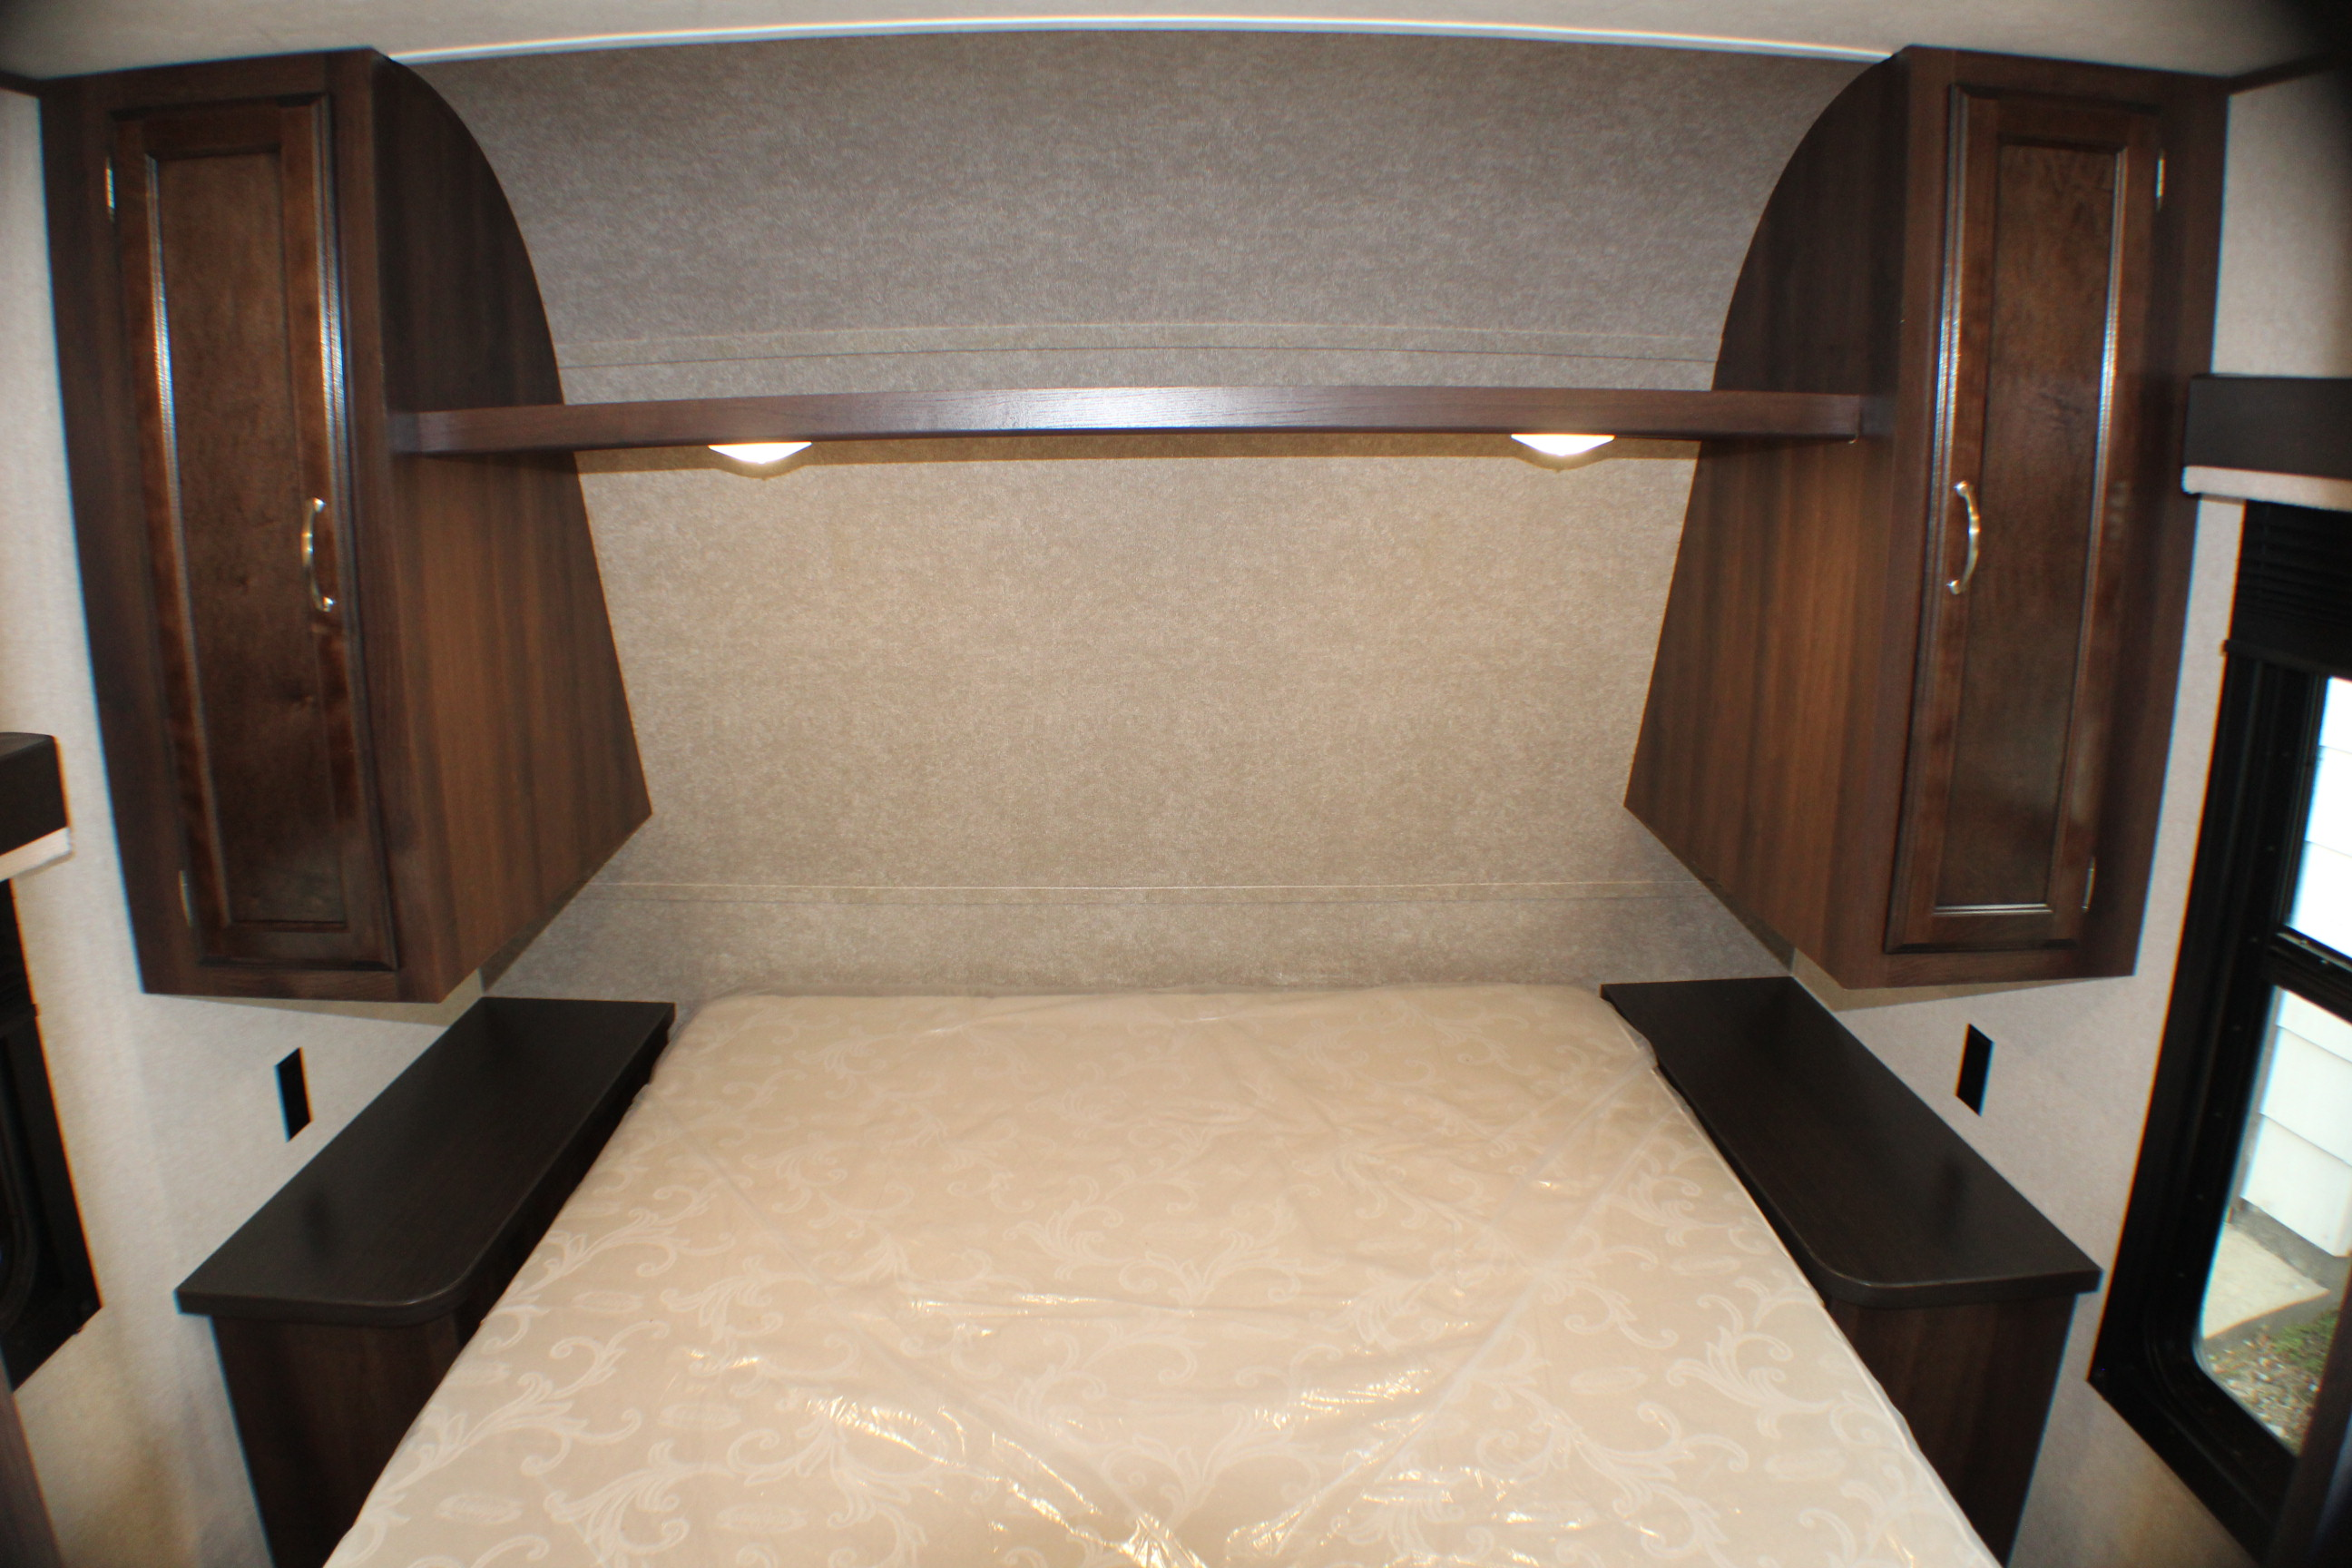 c bedroom 5